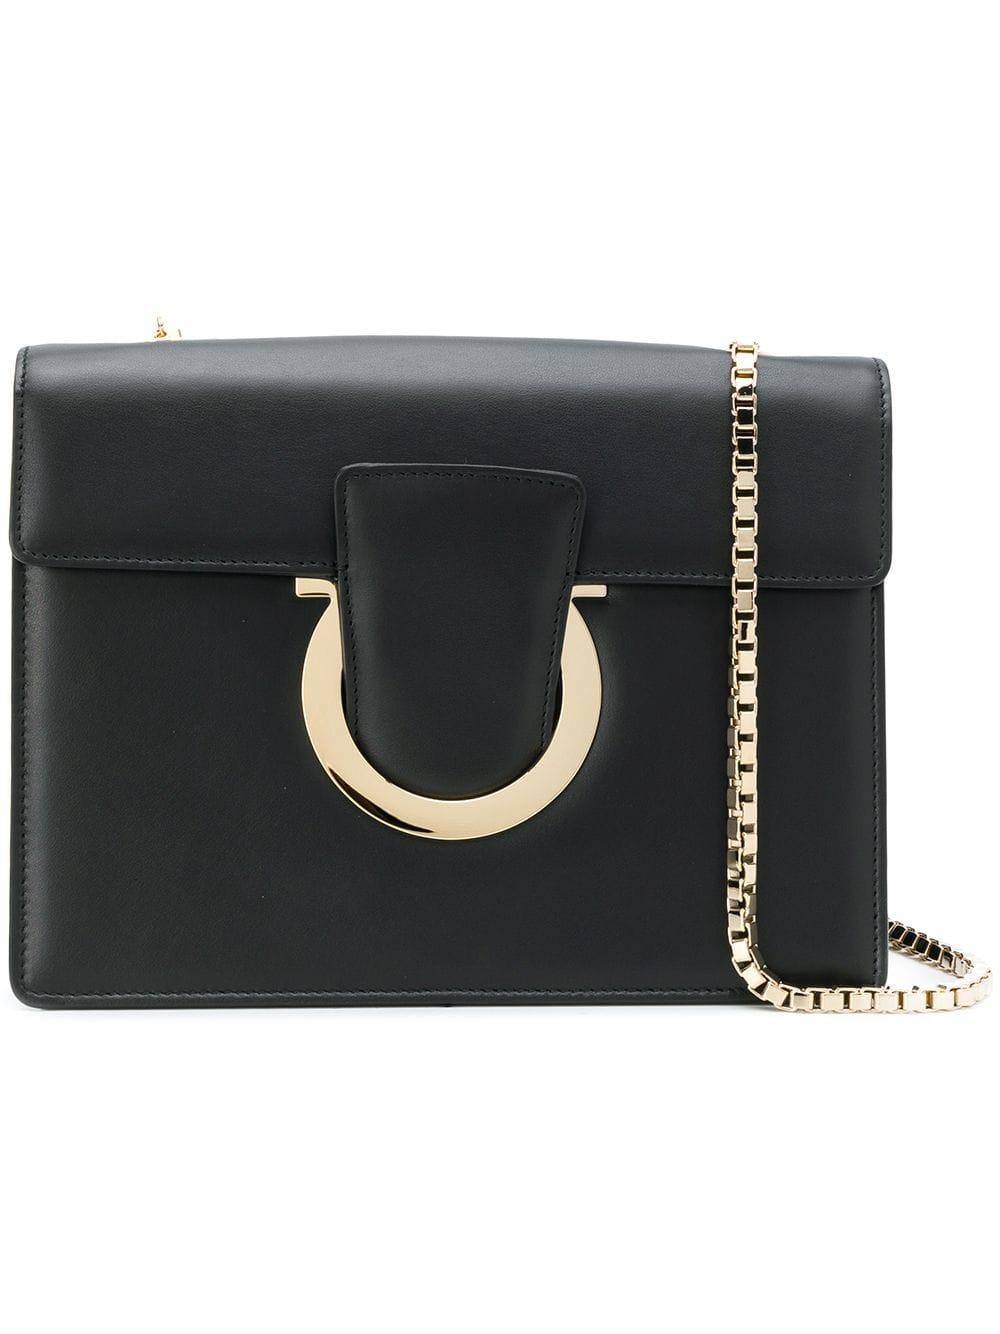 8911d56ab239 Lyst - Ferragamo Thalia Leather Shoulder Bag in Black